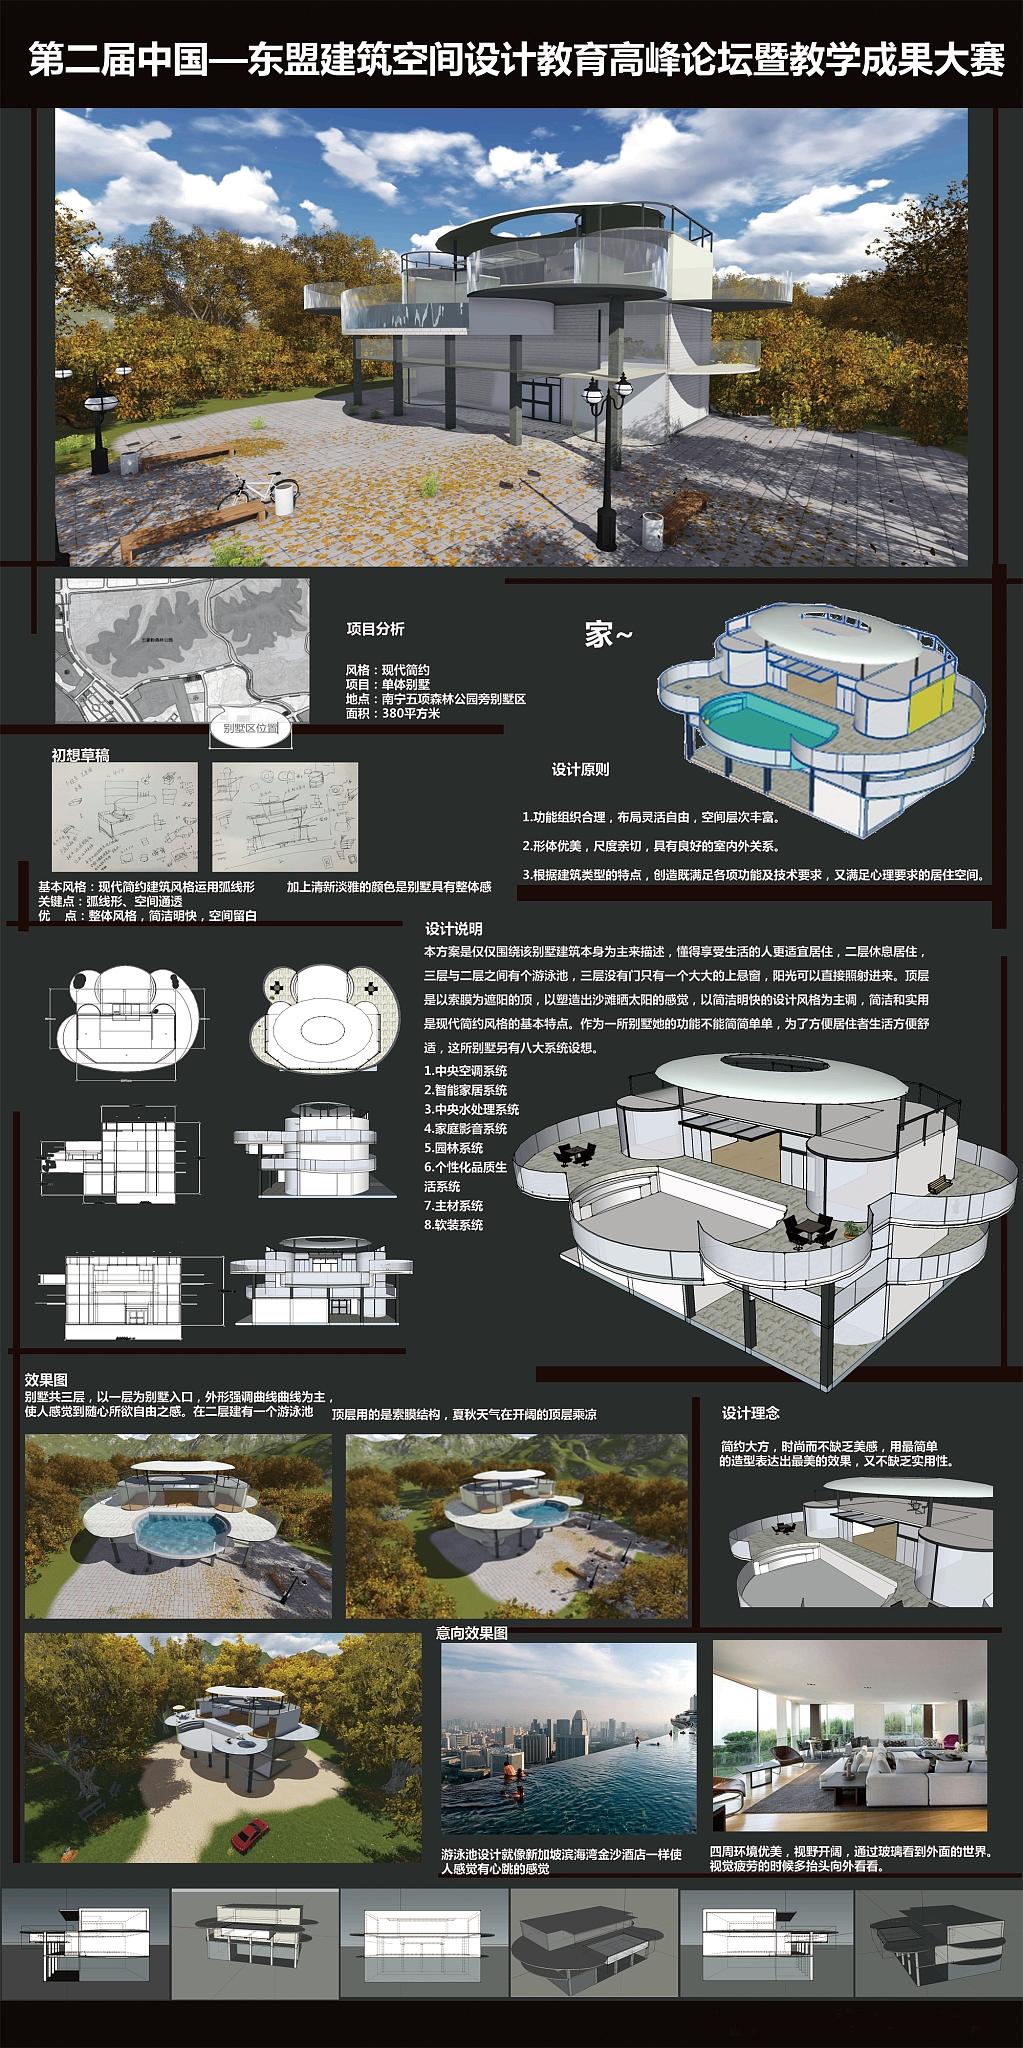 建筑设计——排版